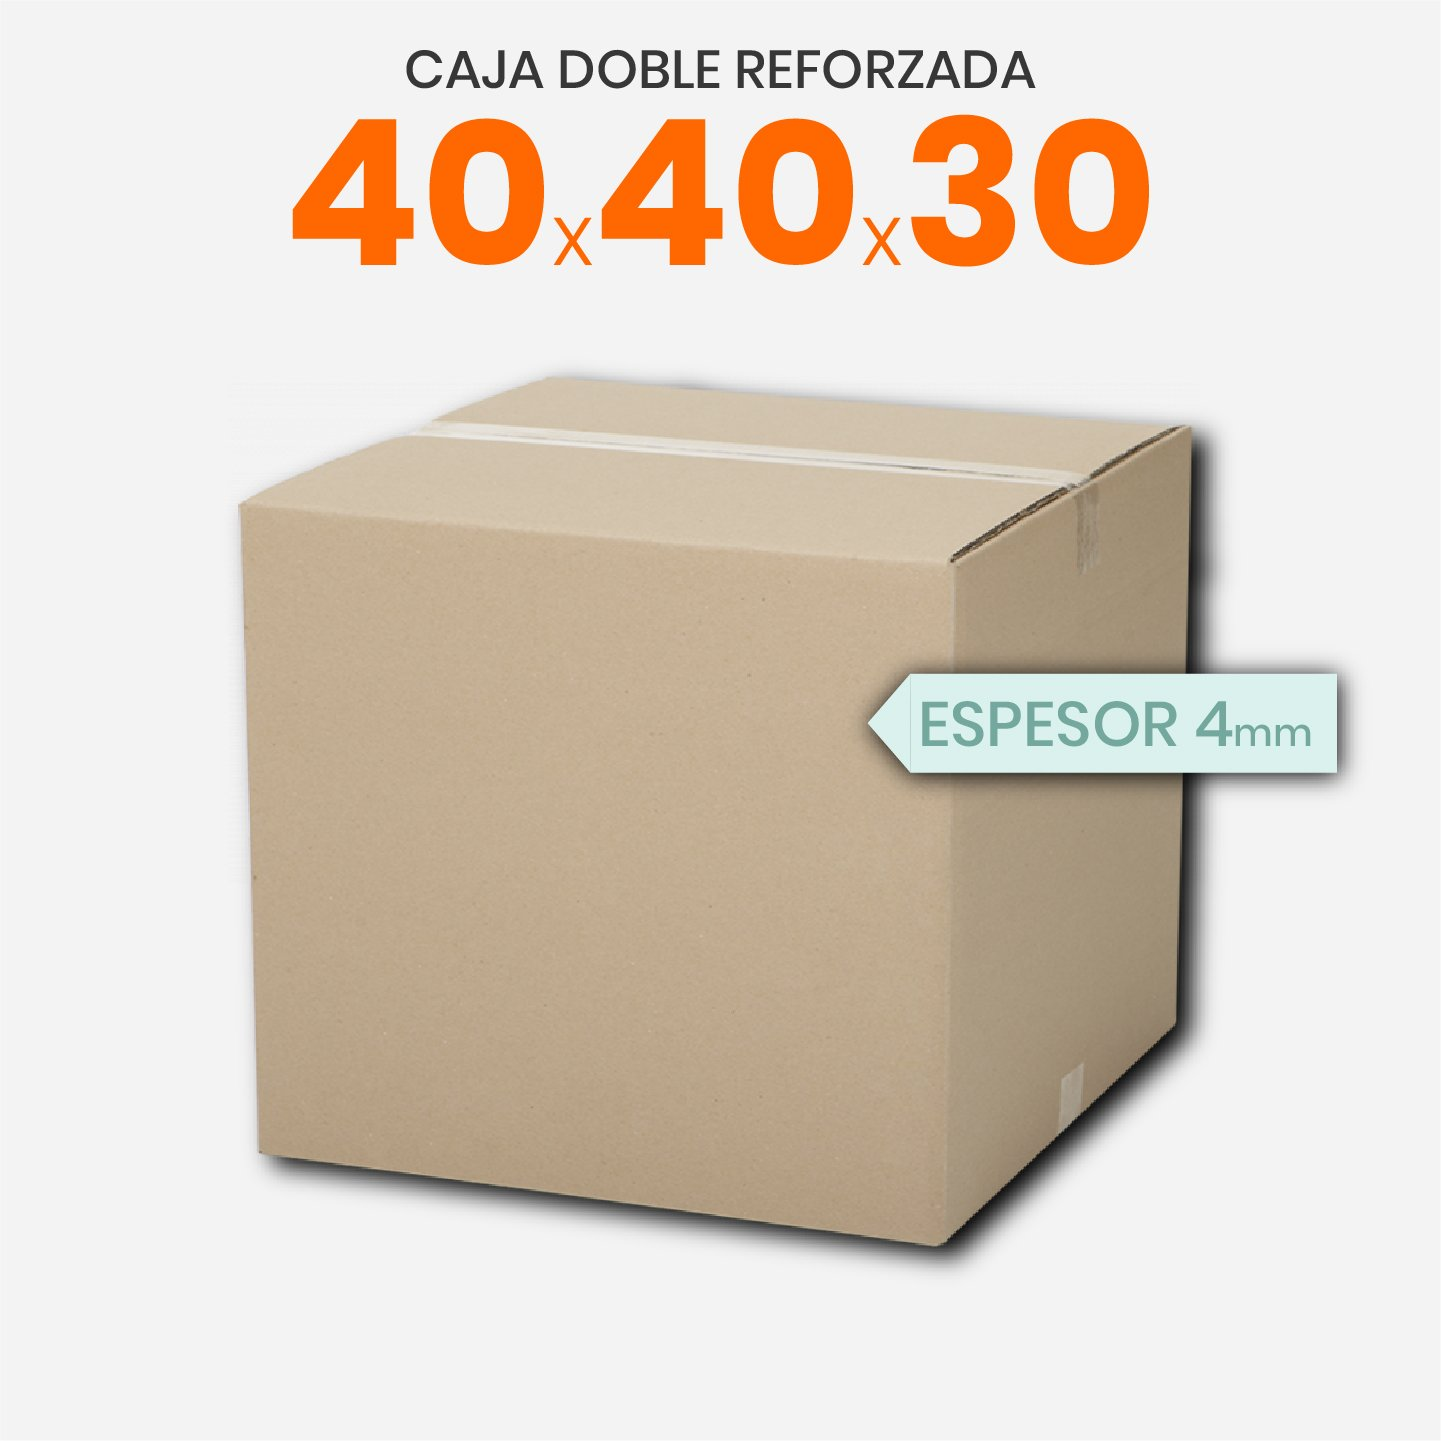 Caja De Cartón Corrugado Reforzada 40x40x30